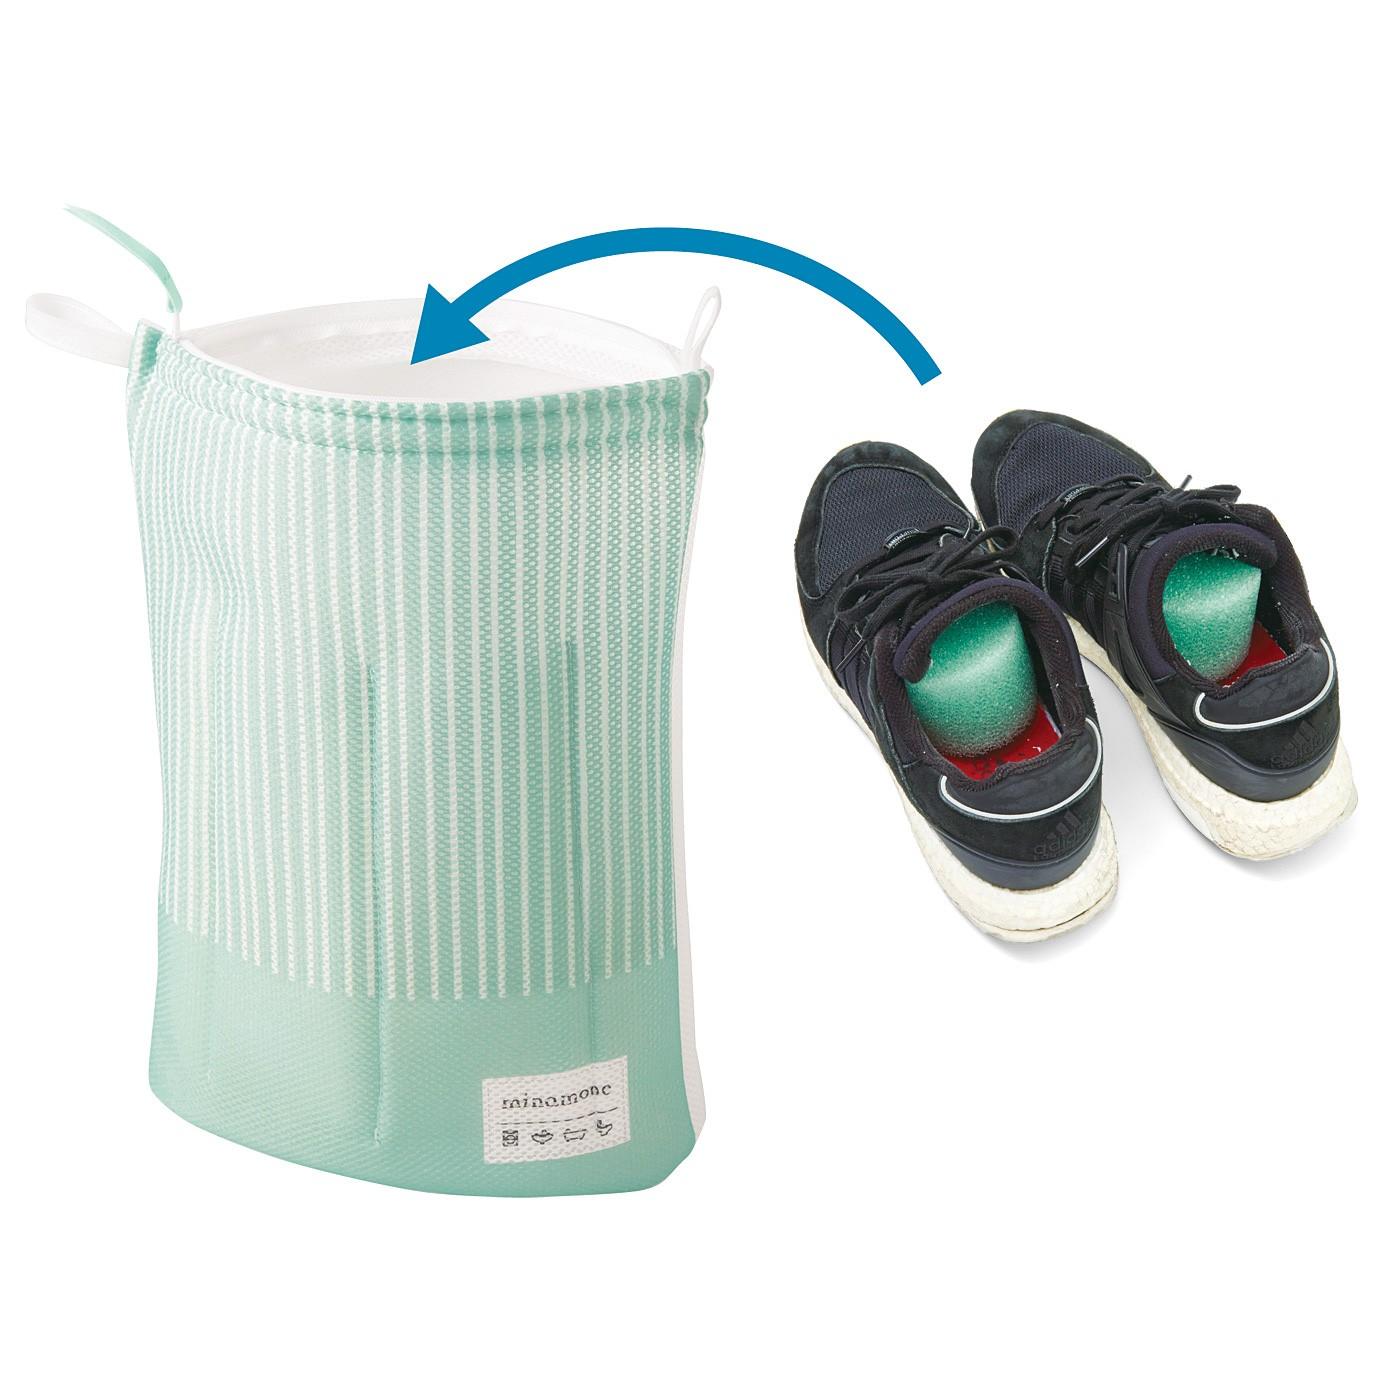 クッション効果で洗濯機OK 28cmサイズも入るシューズ用洗濯ネットの会